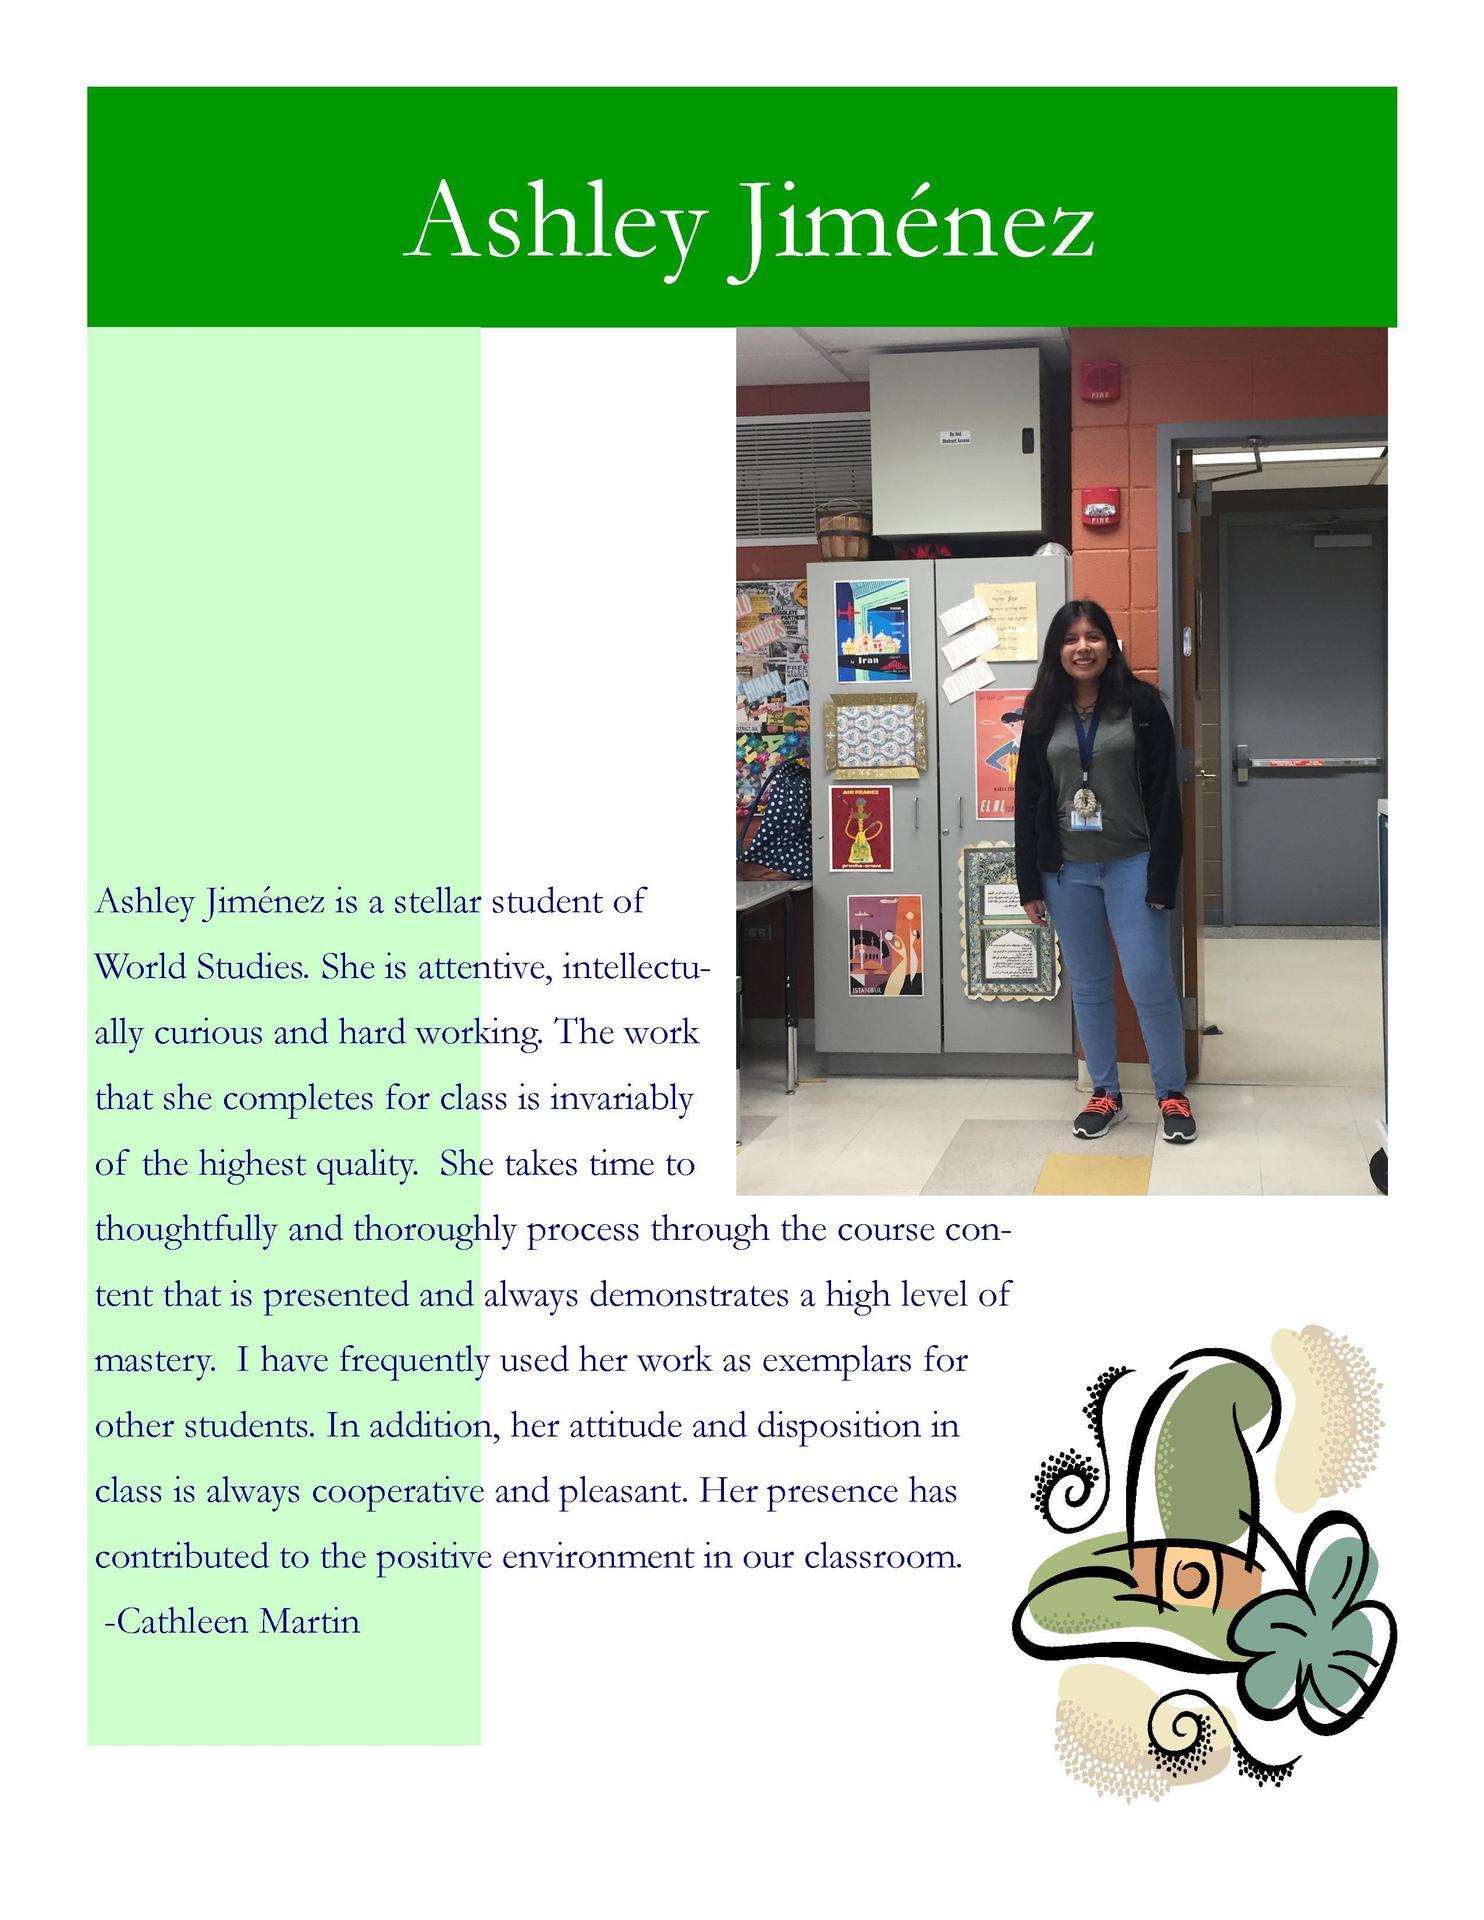 Image of Ashley Jimenez